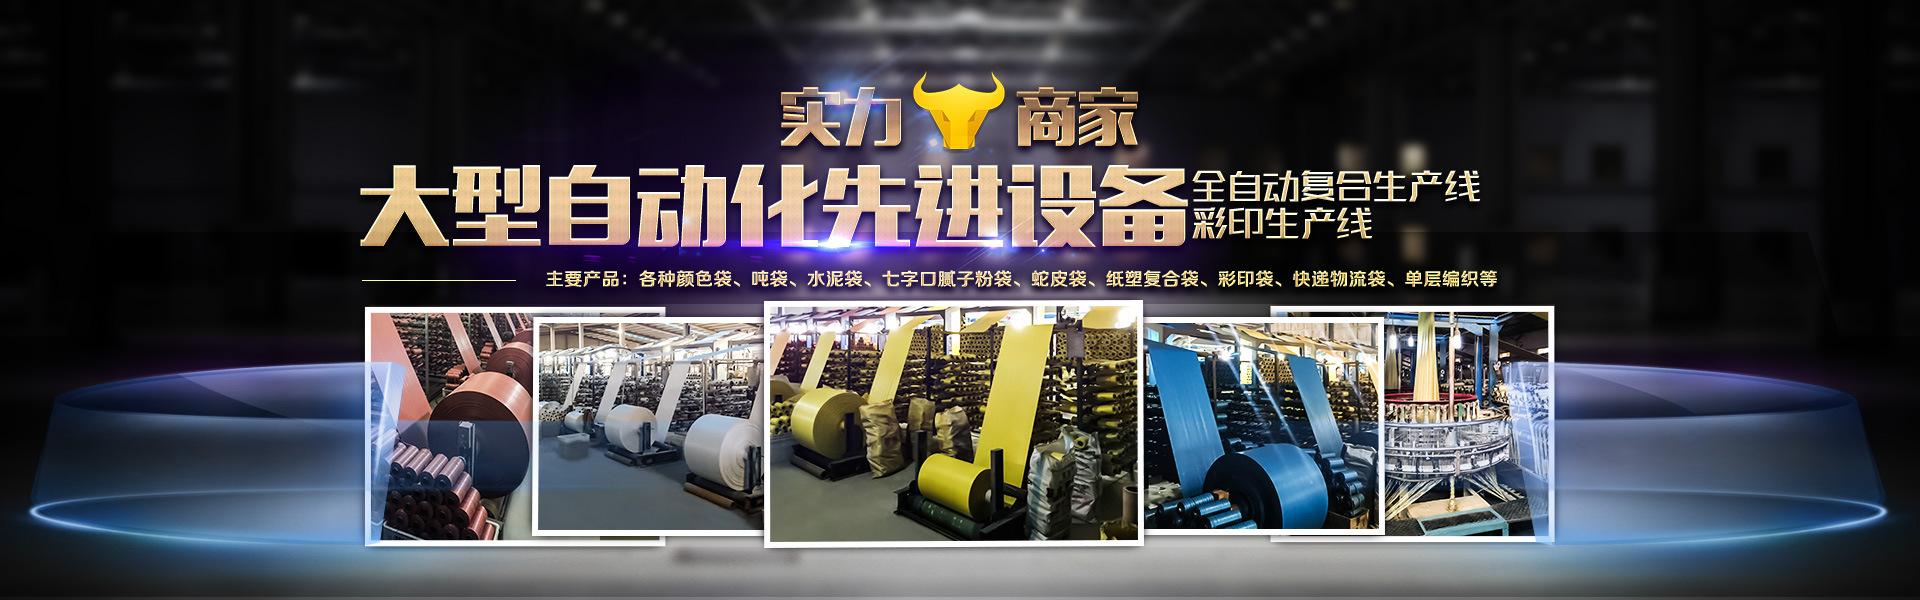 塑料涂膜布基生产主要工艺指标